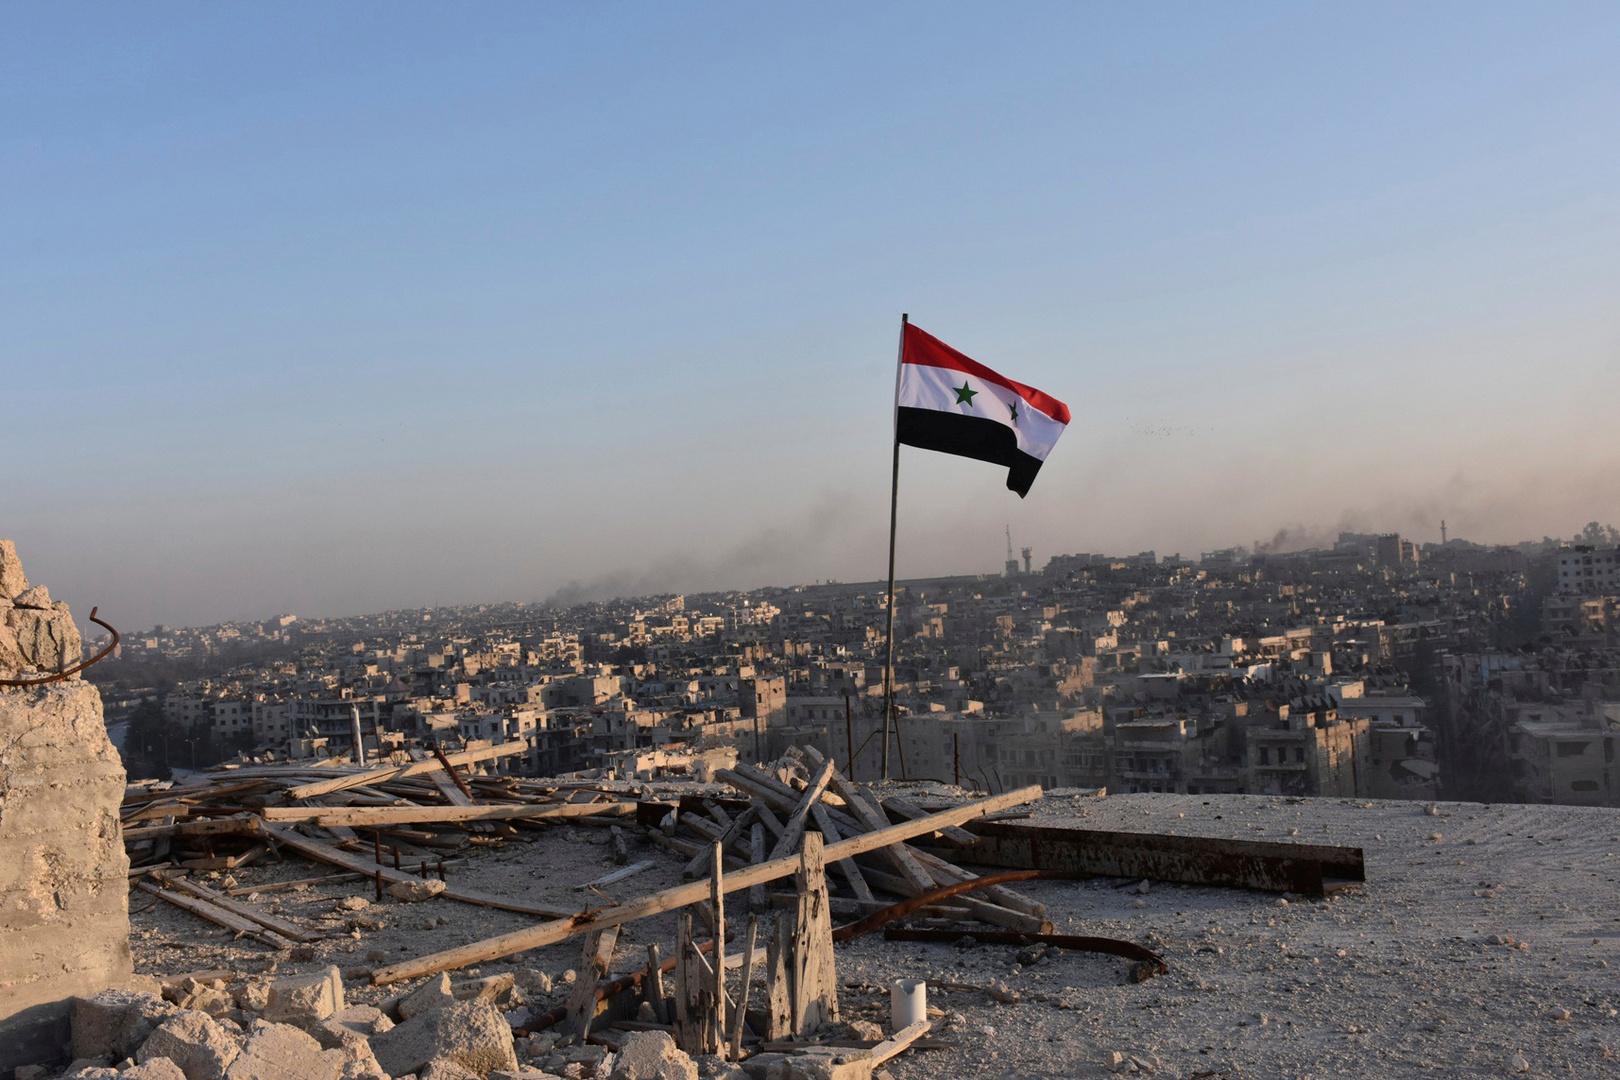 على سوريا على خلفية مدينة حلب (أرشيف)